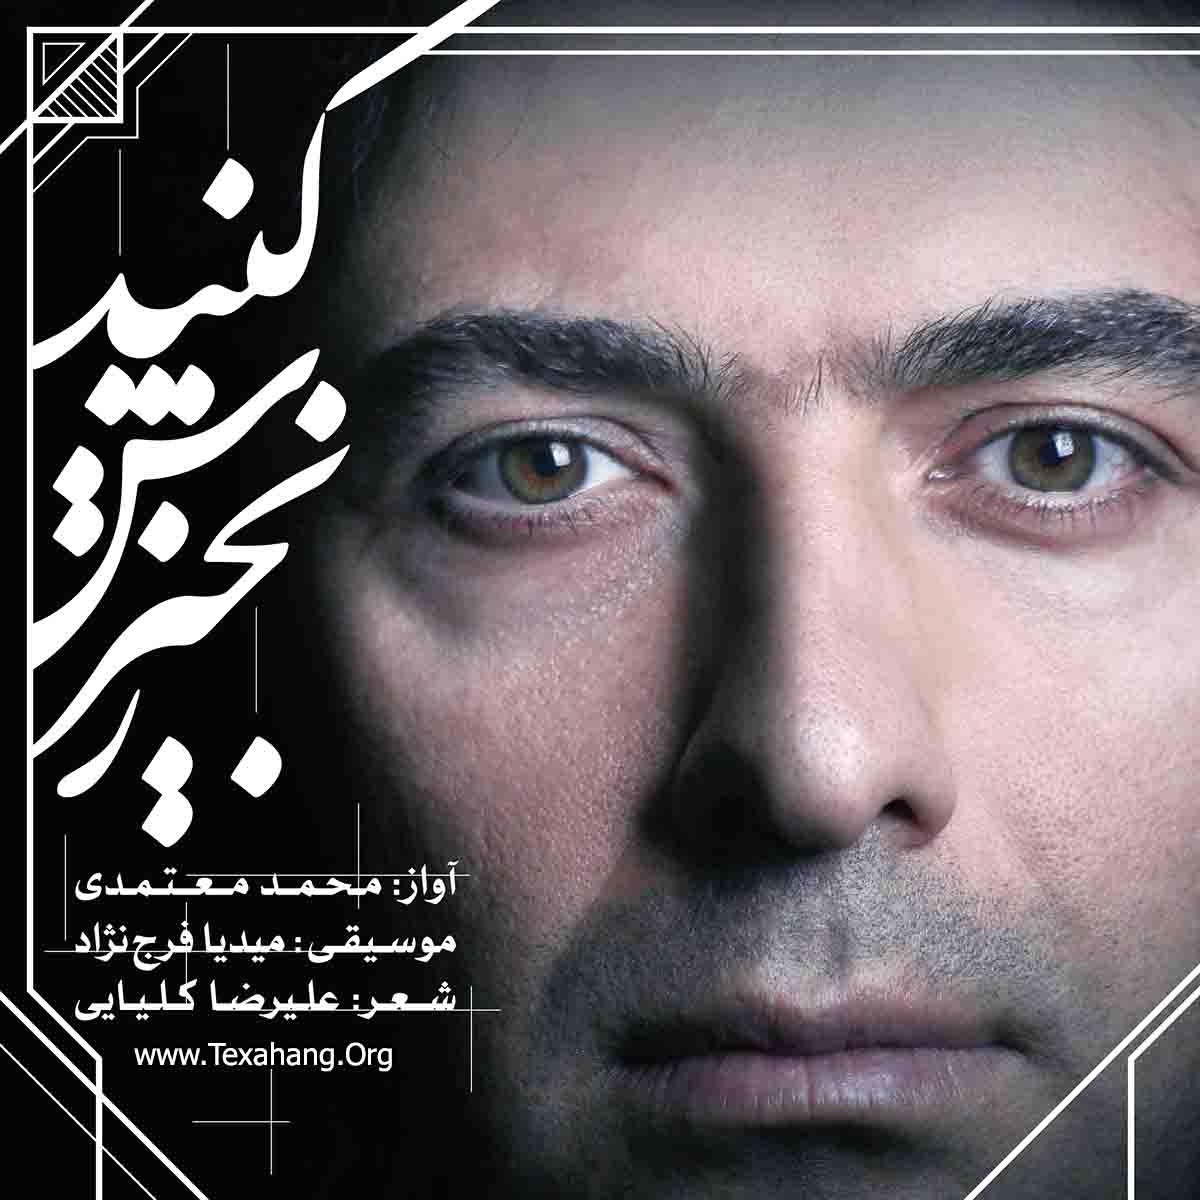 متن آهنگ زنجیرش کنید محمد معتمدی